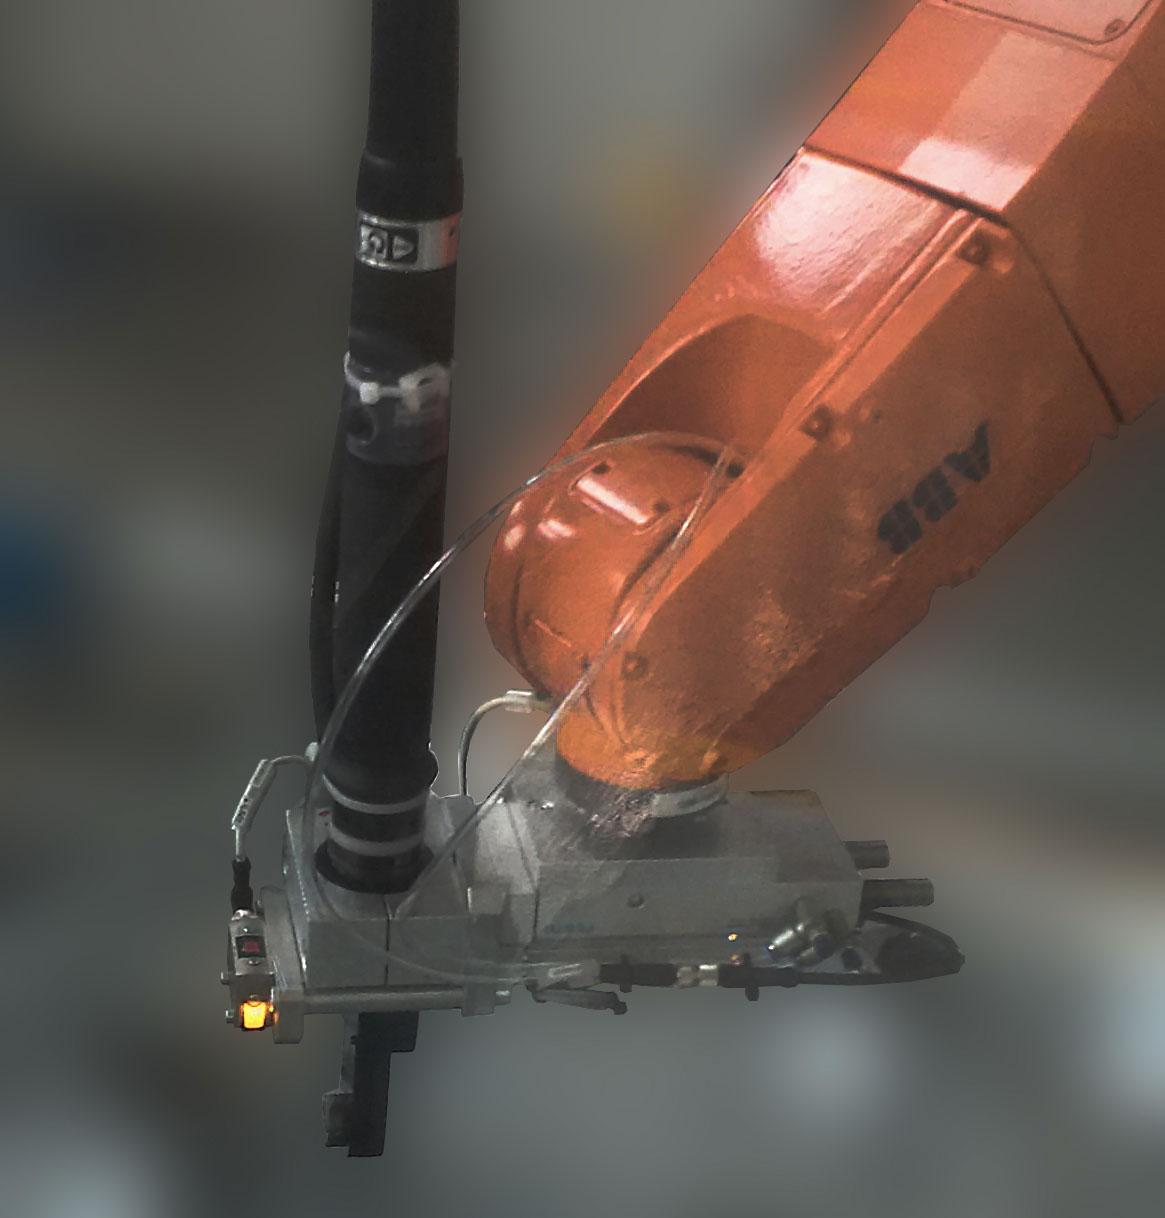 IMG 20160908 161853 Avvitatori per assemblaggio industriale Abbiamo realizzato il primo sistema composto da motore coppia angolo e chiave ad esagono aperto per integrazione diretta su robot antropomorfo (a cura dell'integratore della linea) per serraggio tubi gas piani cottura da incasso. La linea lavora su 3 turni continui.AZIENDA LEADER NELLA COSTRUZIONE DI ELETTRODOMESTICI